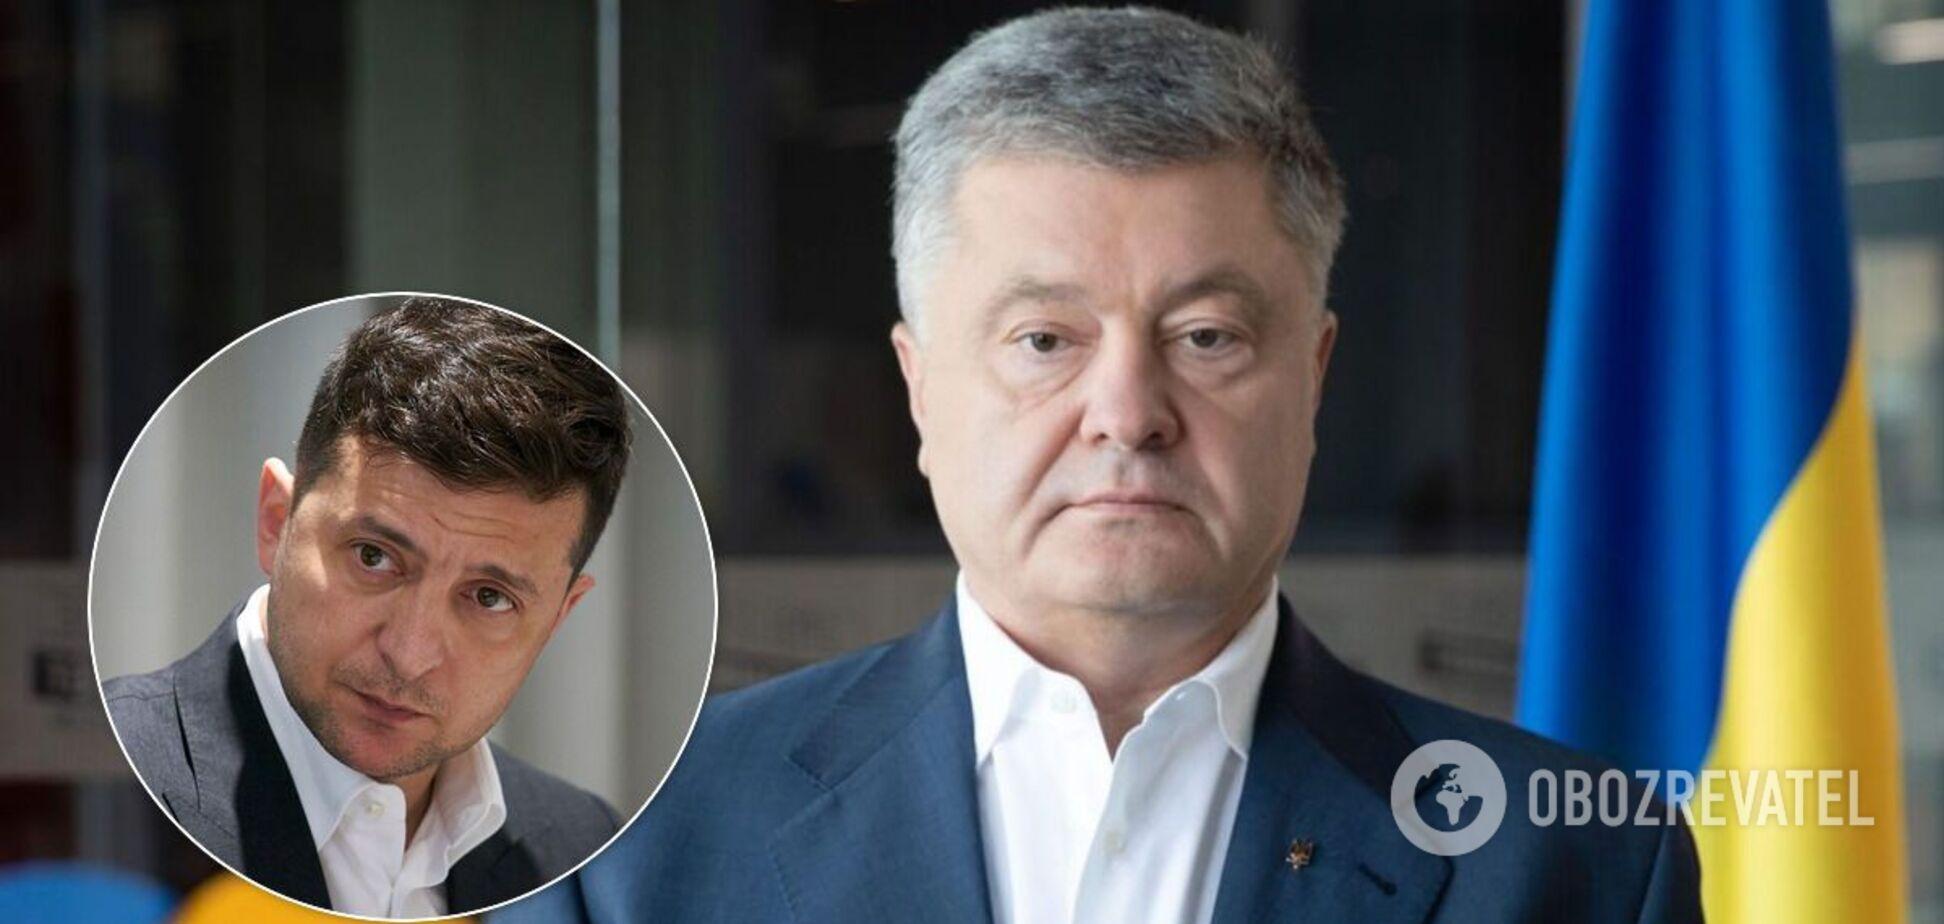 Украинцы считают партию Порошенко главной оппозицией к 'слугам' – опрос